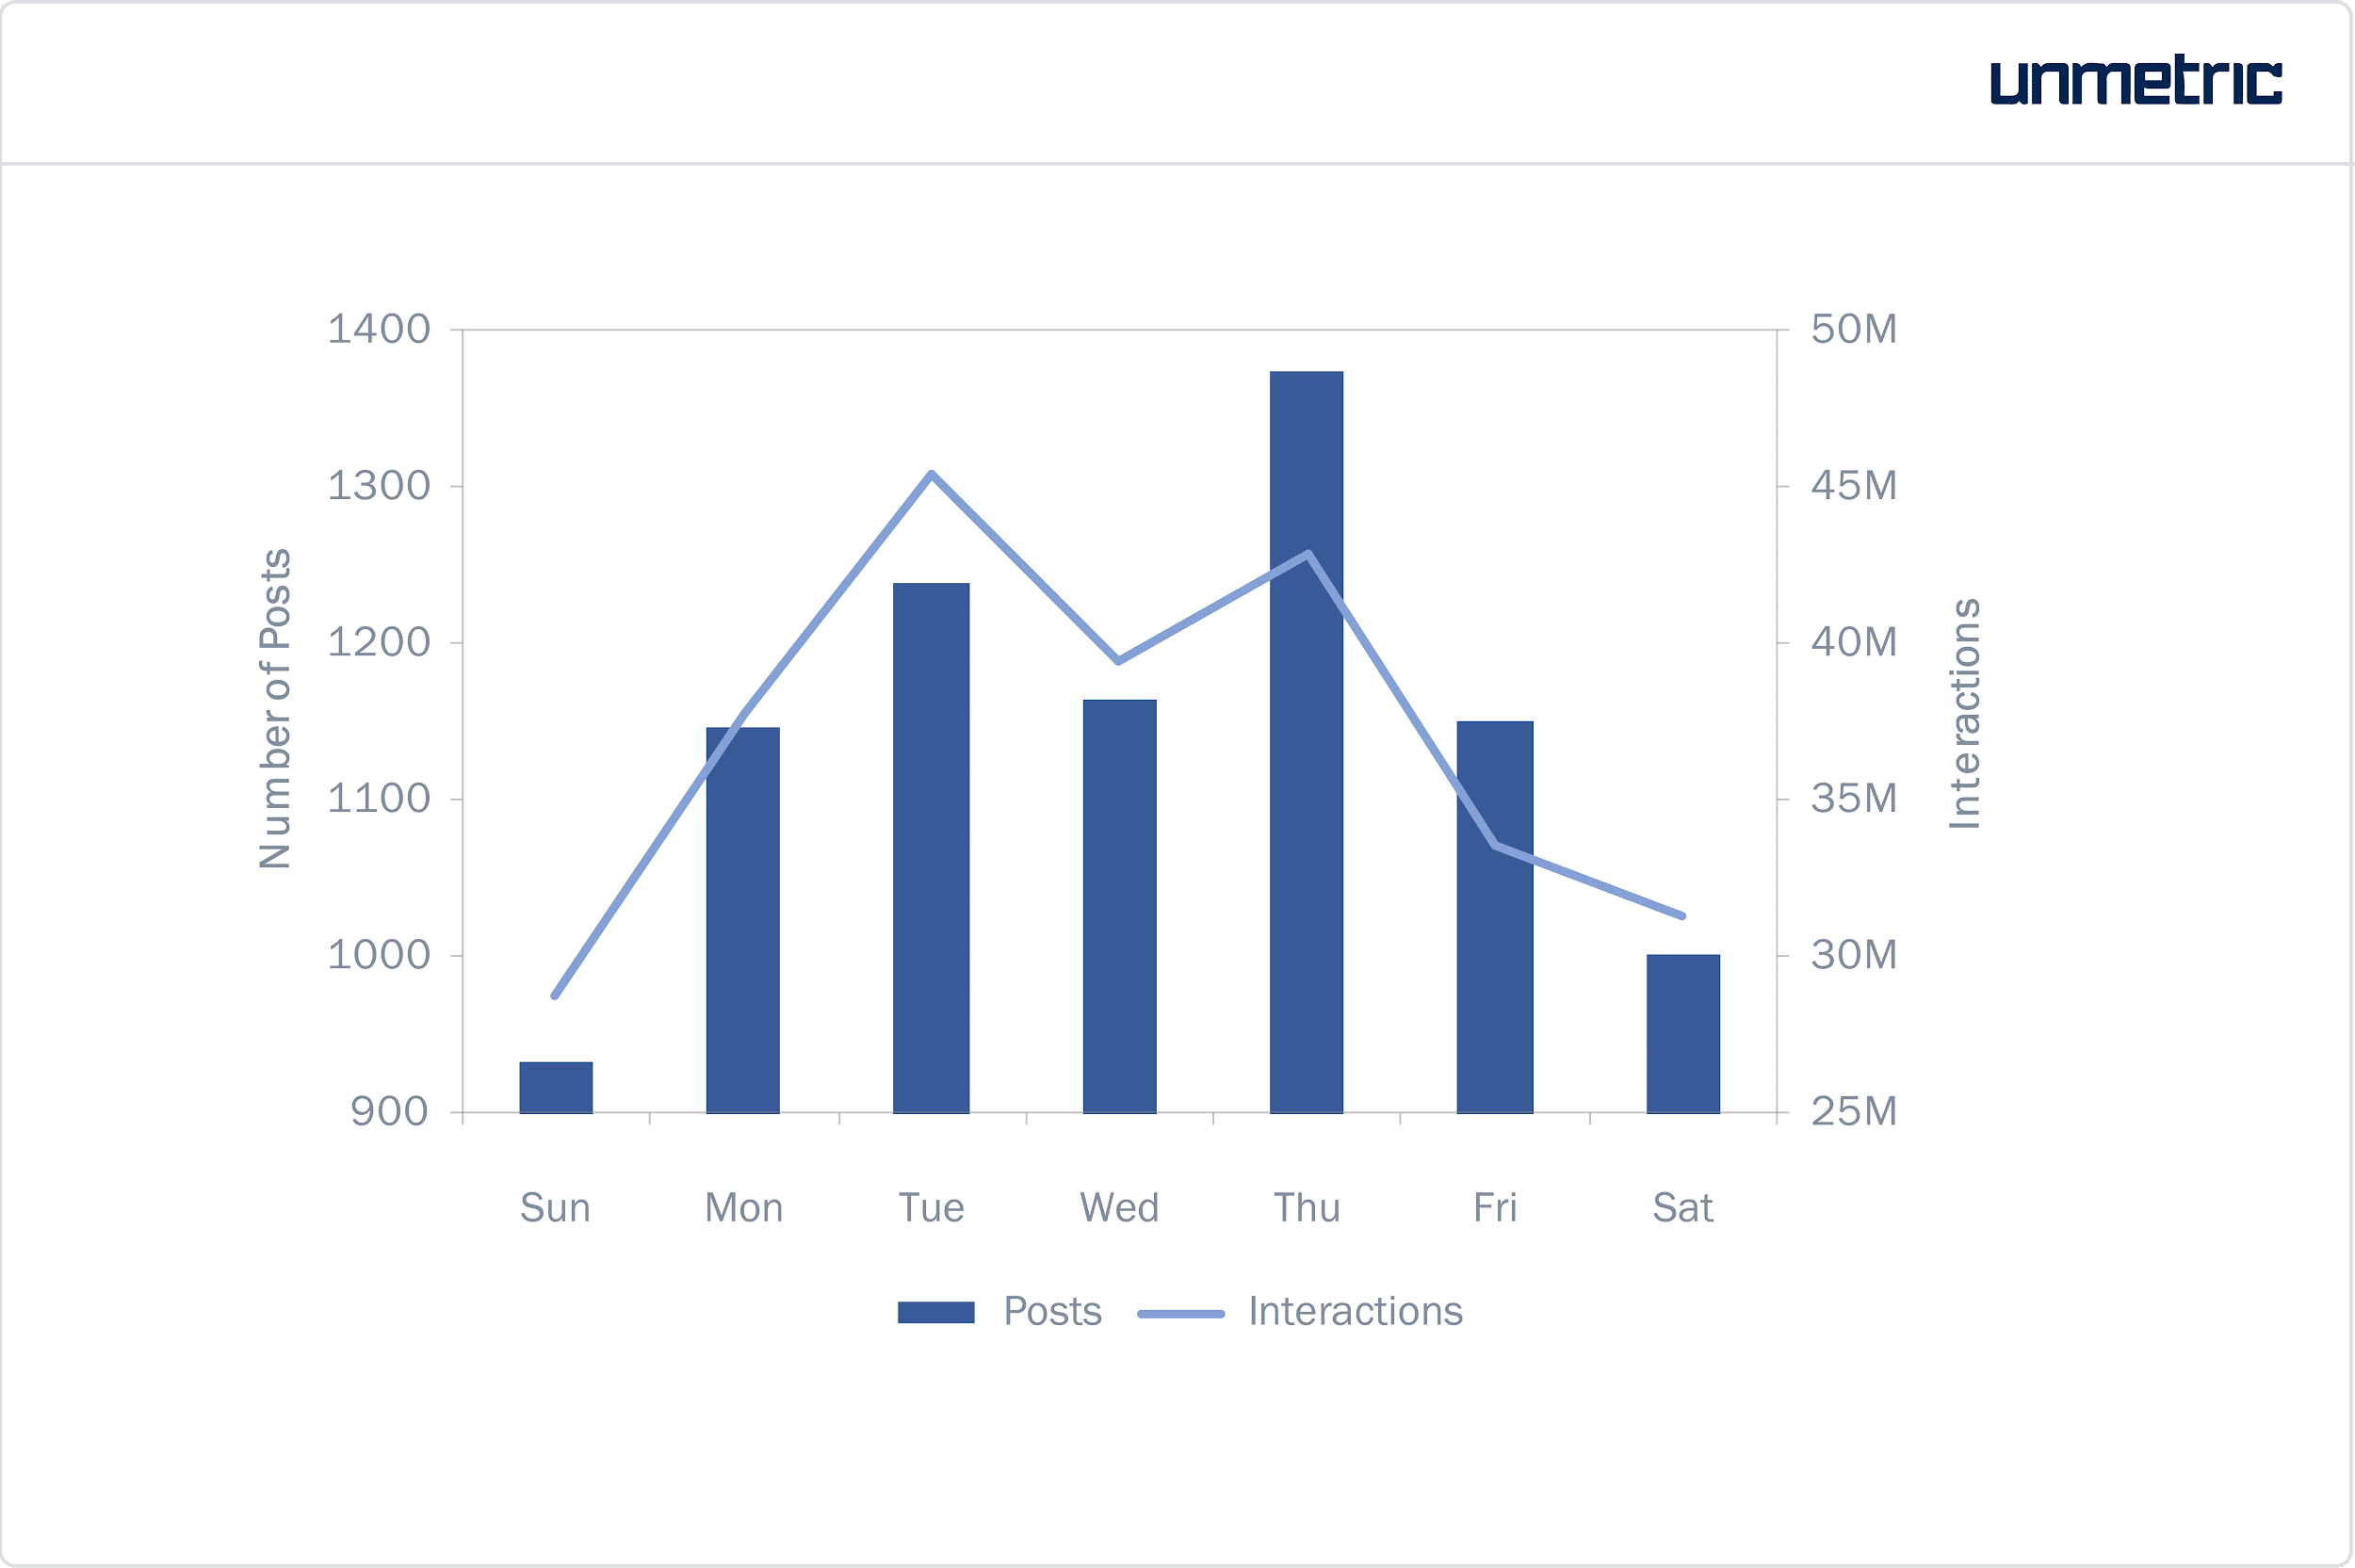 Interactions moyennes par publication sur Instagram